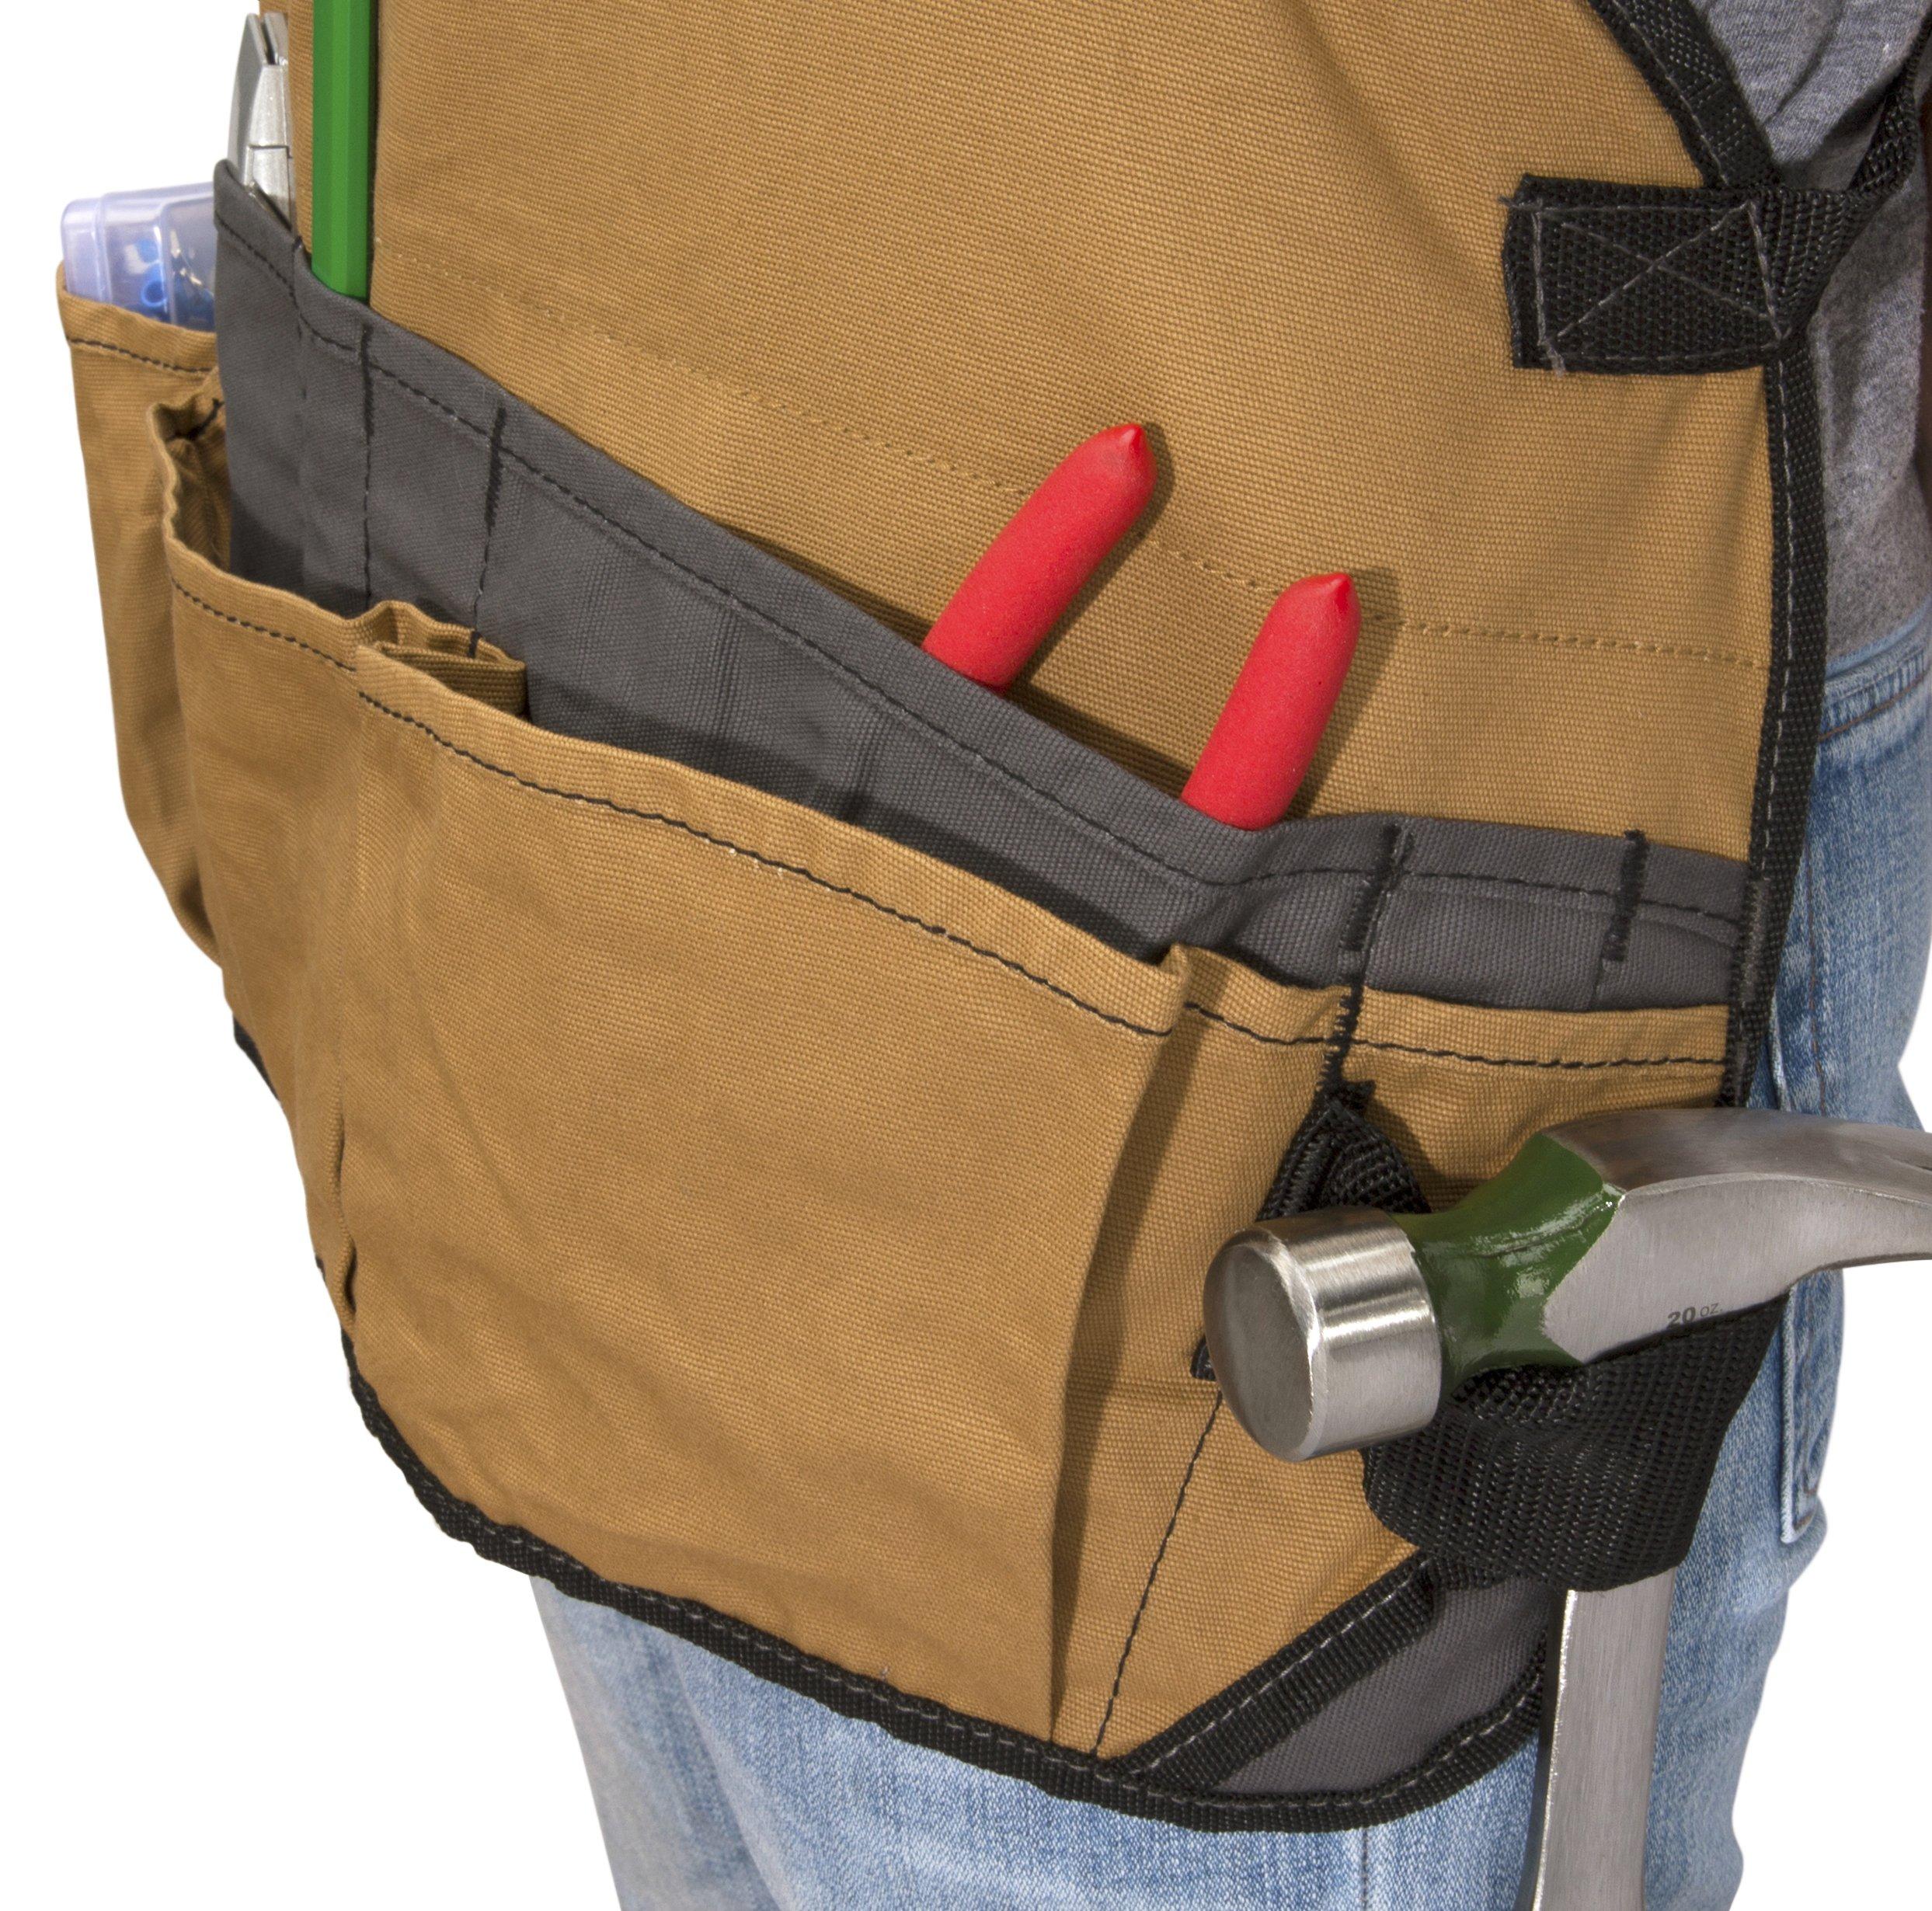 Dickies Work Gear 57027 Grey/Tan 16-Pocket Bib Apron by Dickies Work Gear (Image #2)